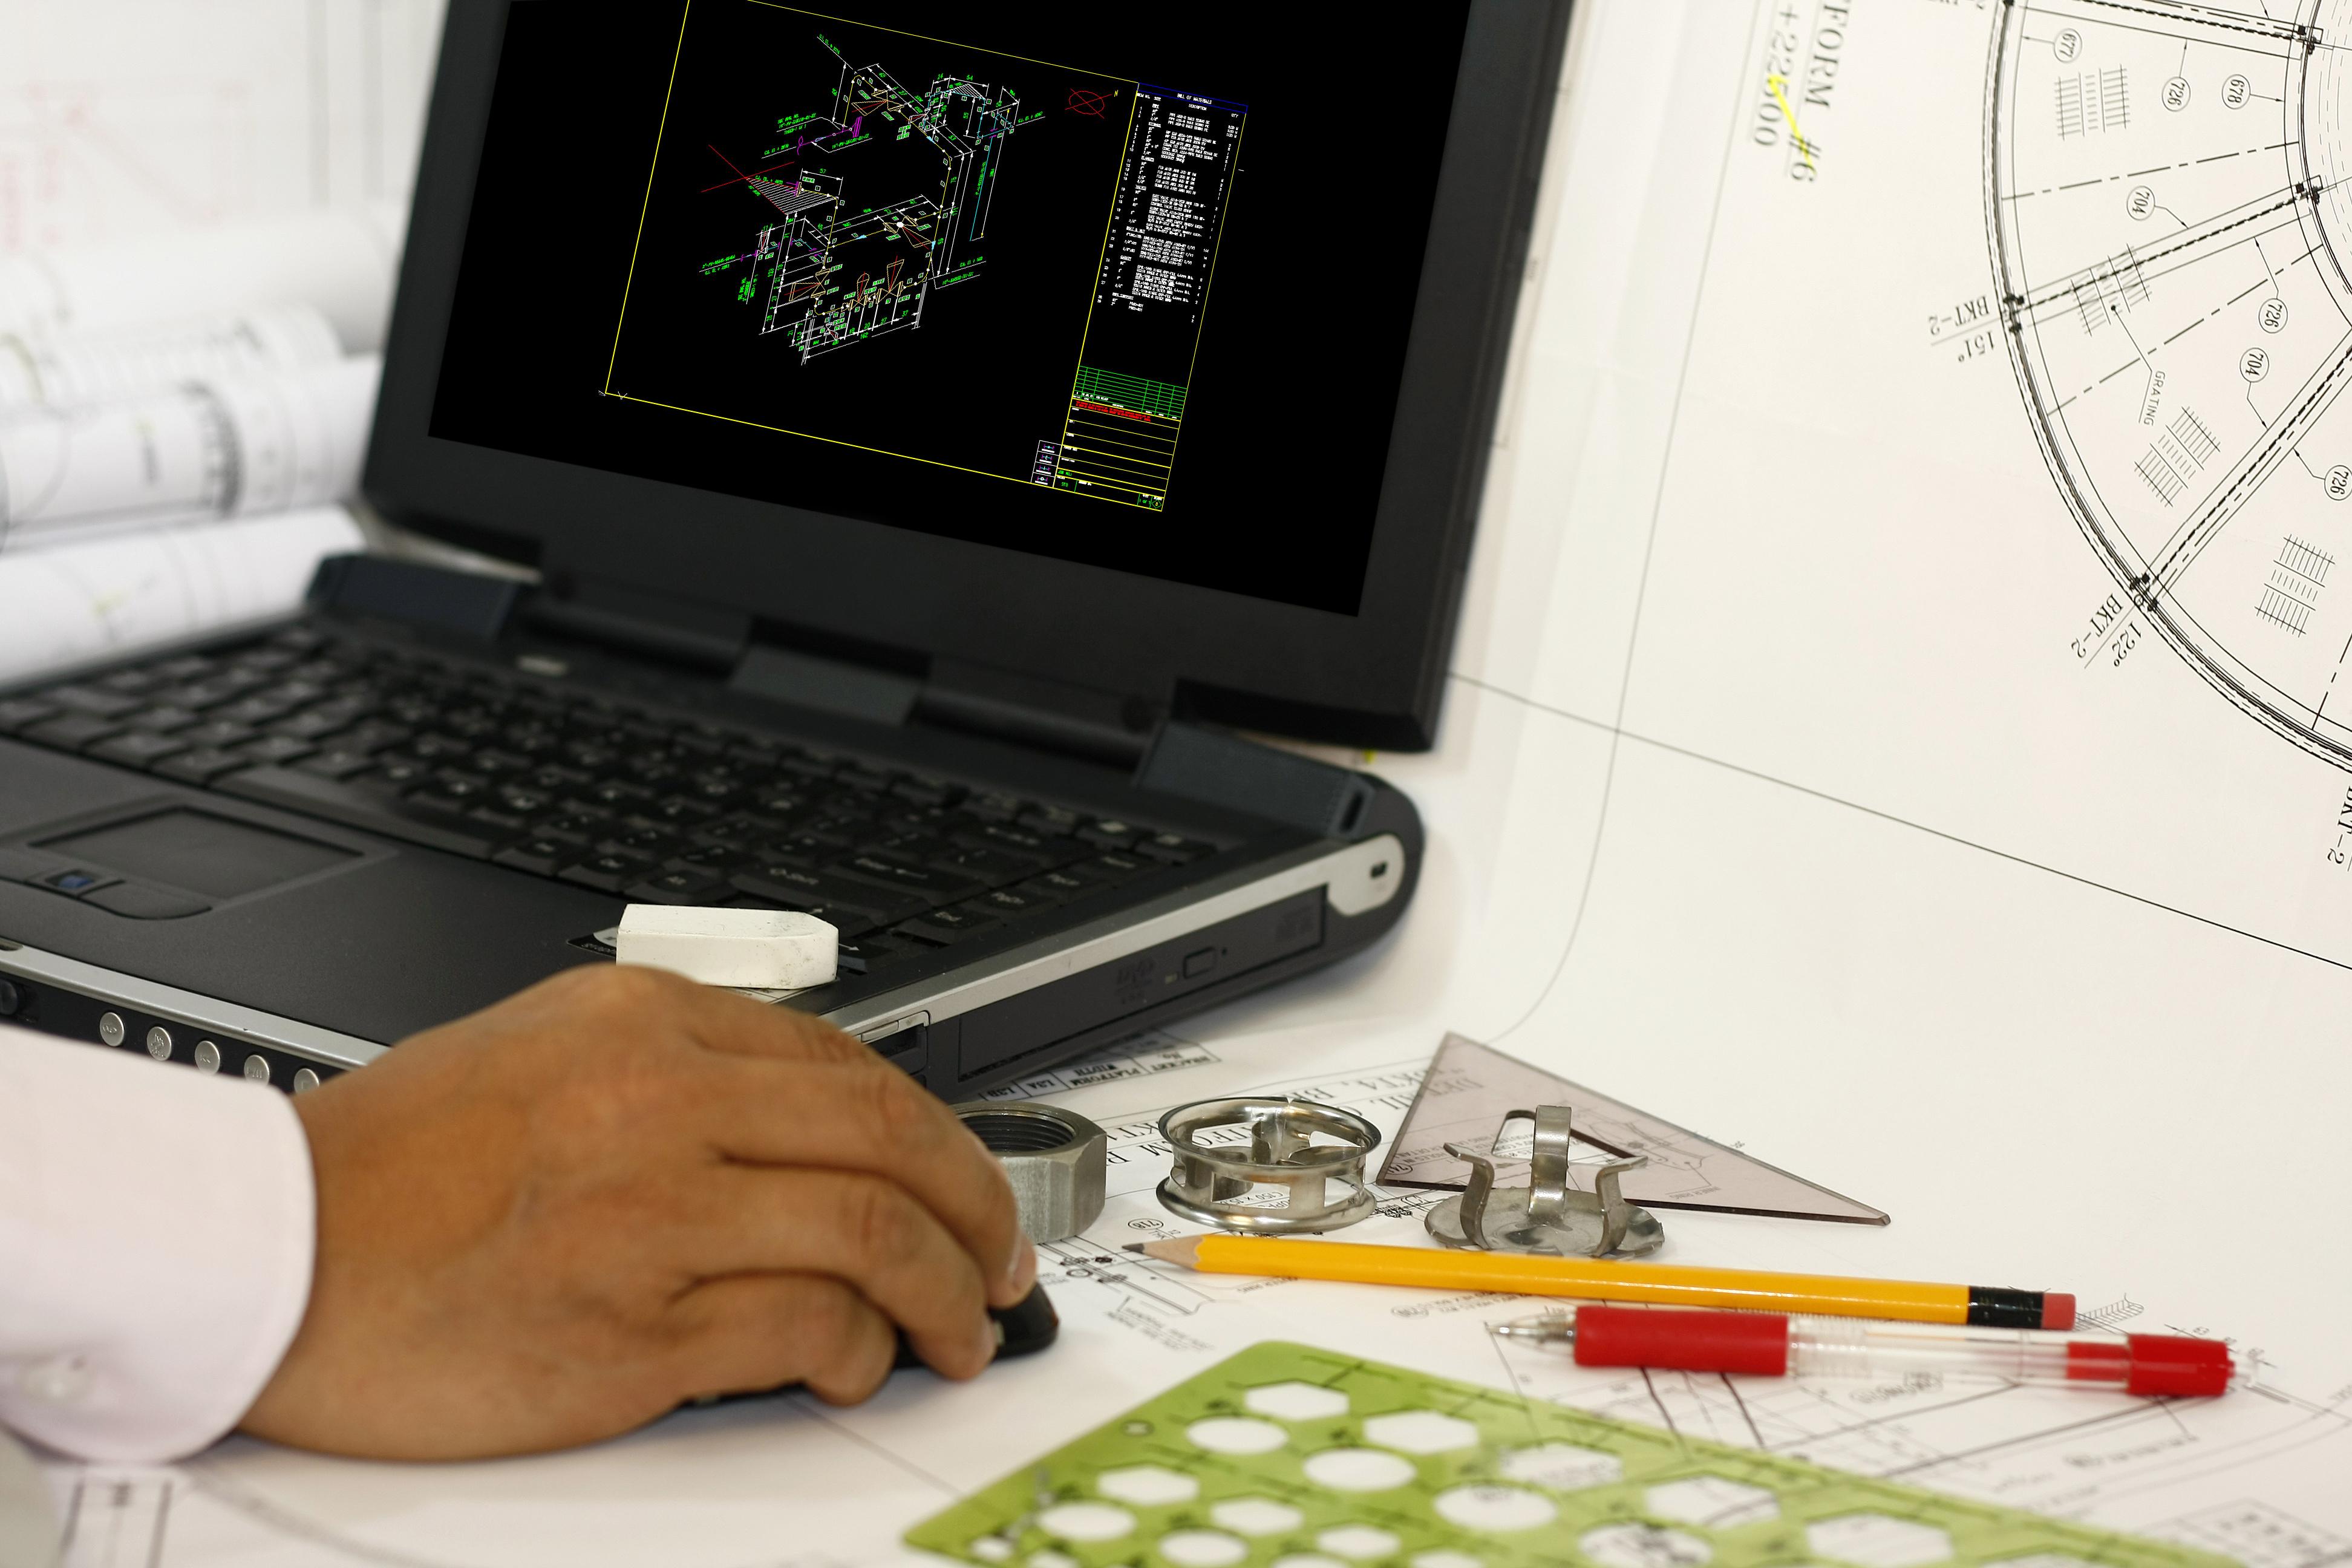 Mit der neuen Version Solidcam 2019 sollen sich CNC-Programme schneller als zuvor erstellen lassen. (Bild: ©Marzky Ragsac Jr./stock.adobe.com)